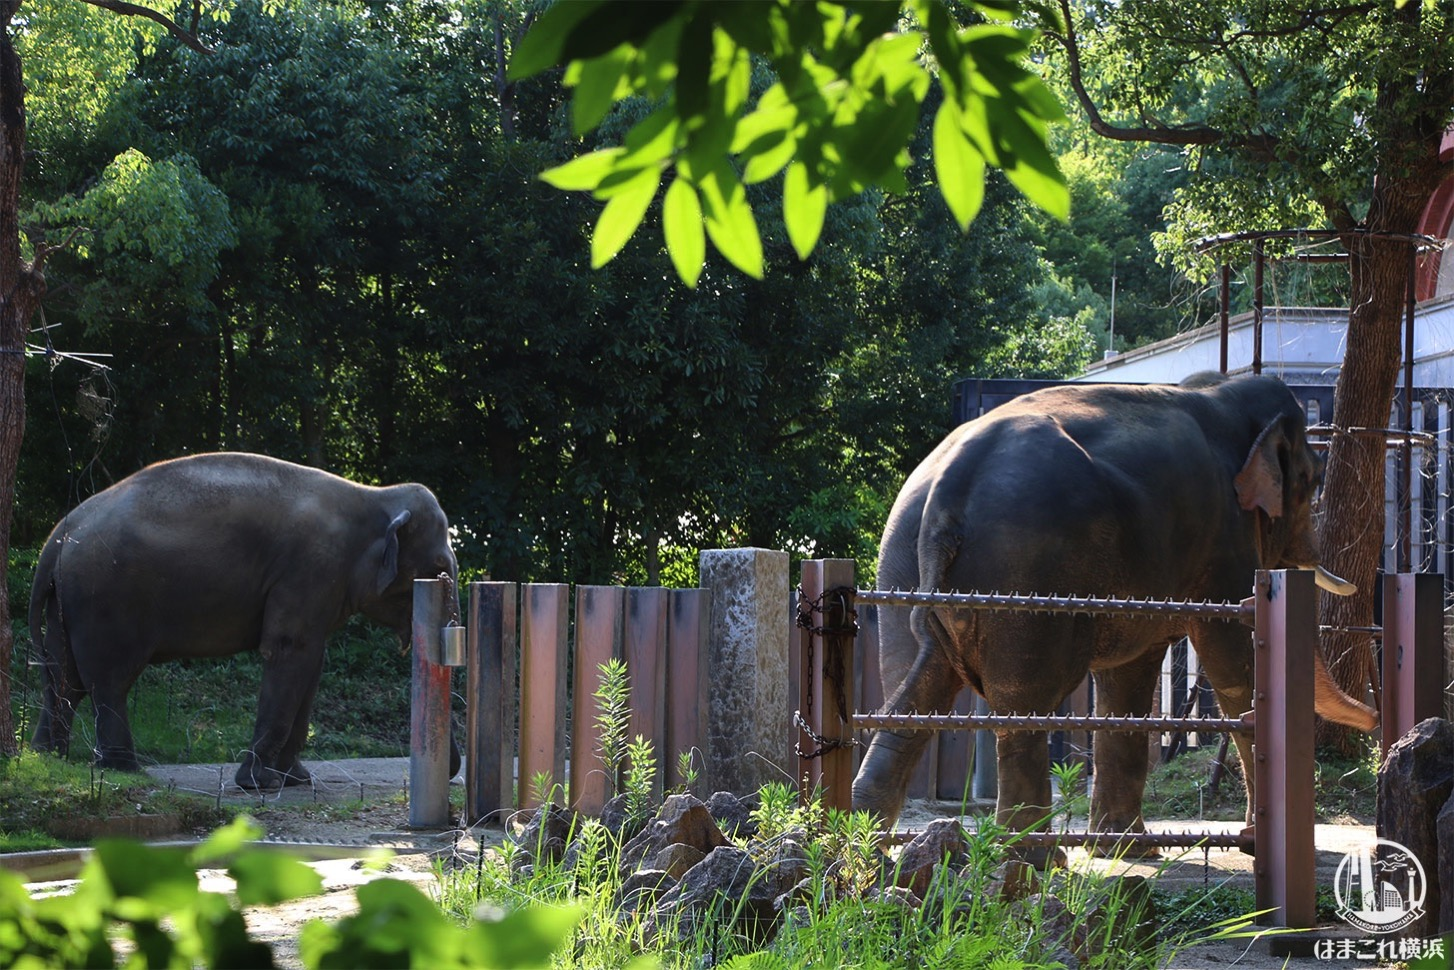 ナイトズーラシア ゾウ